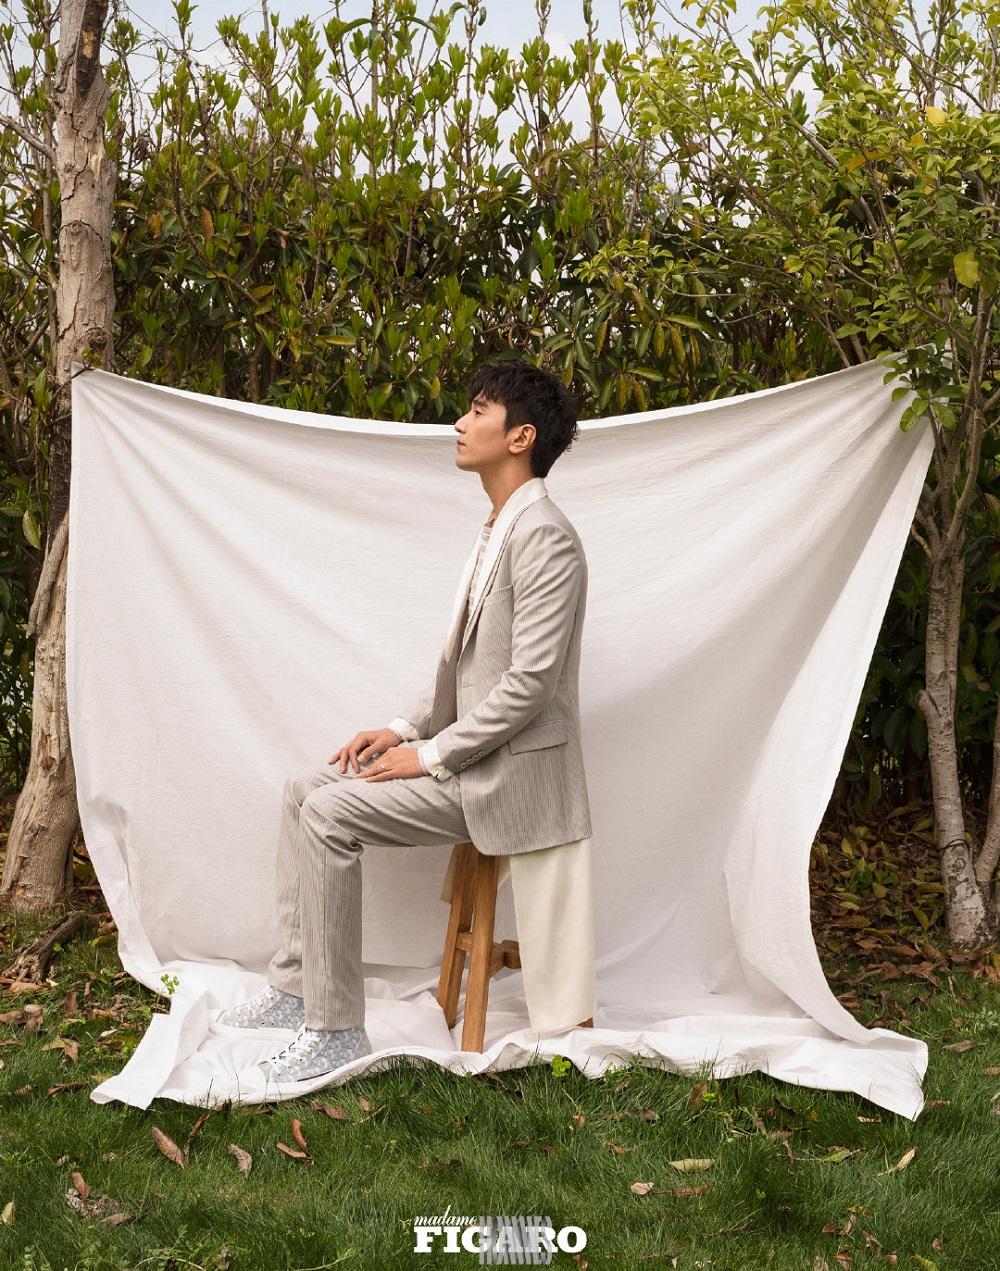 赵又廷登《费加罗男士》开春封面 与白鹅同框沐浴阳光